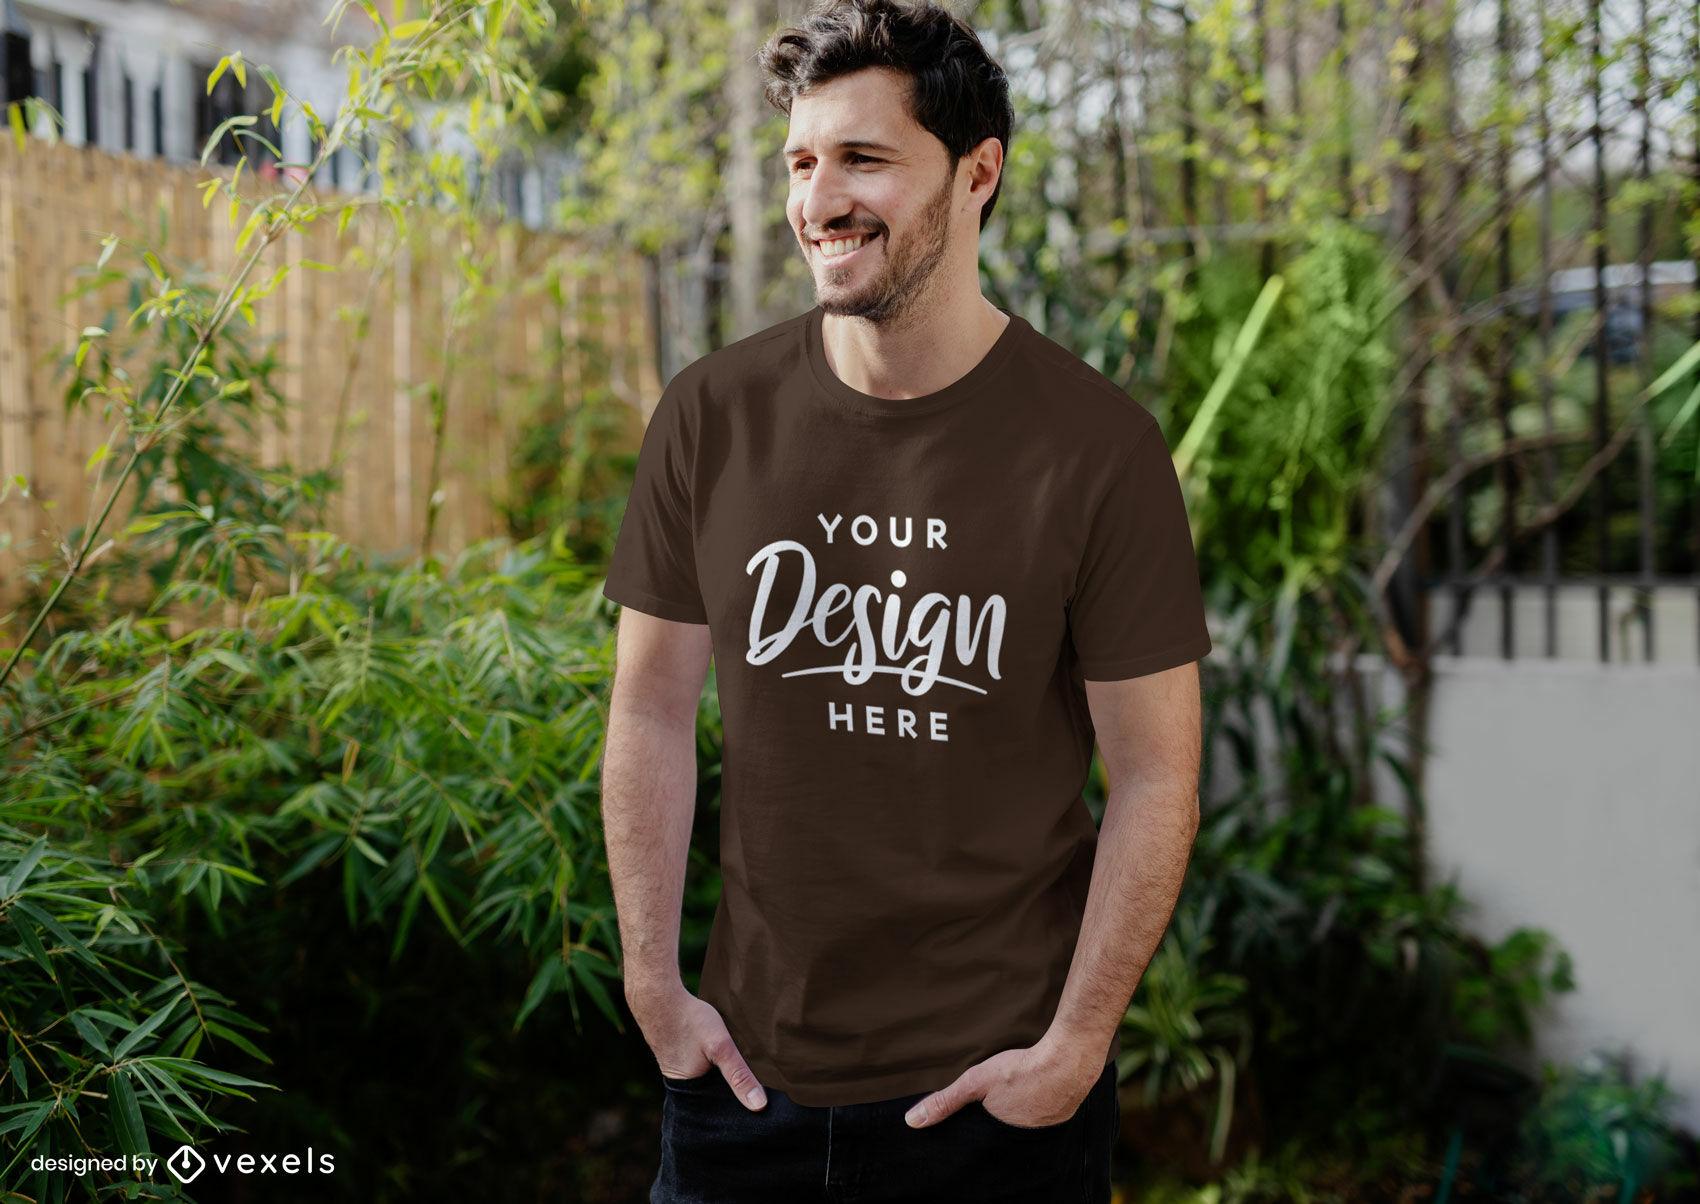 Brauner T-Shirt-Mockup-Mann in einem Hinterhof